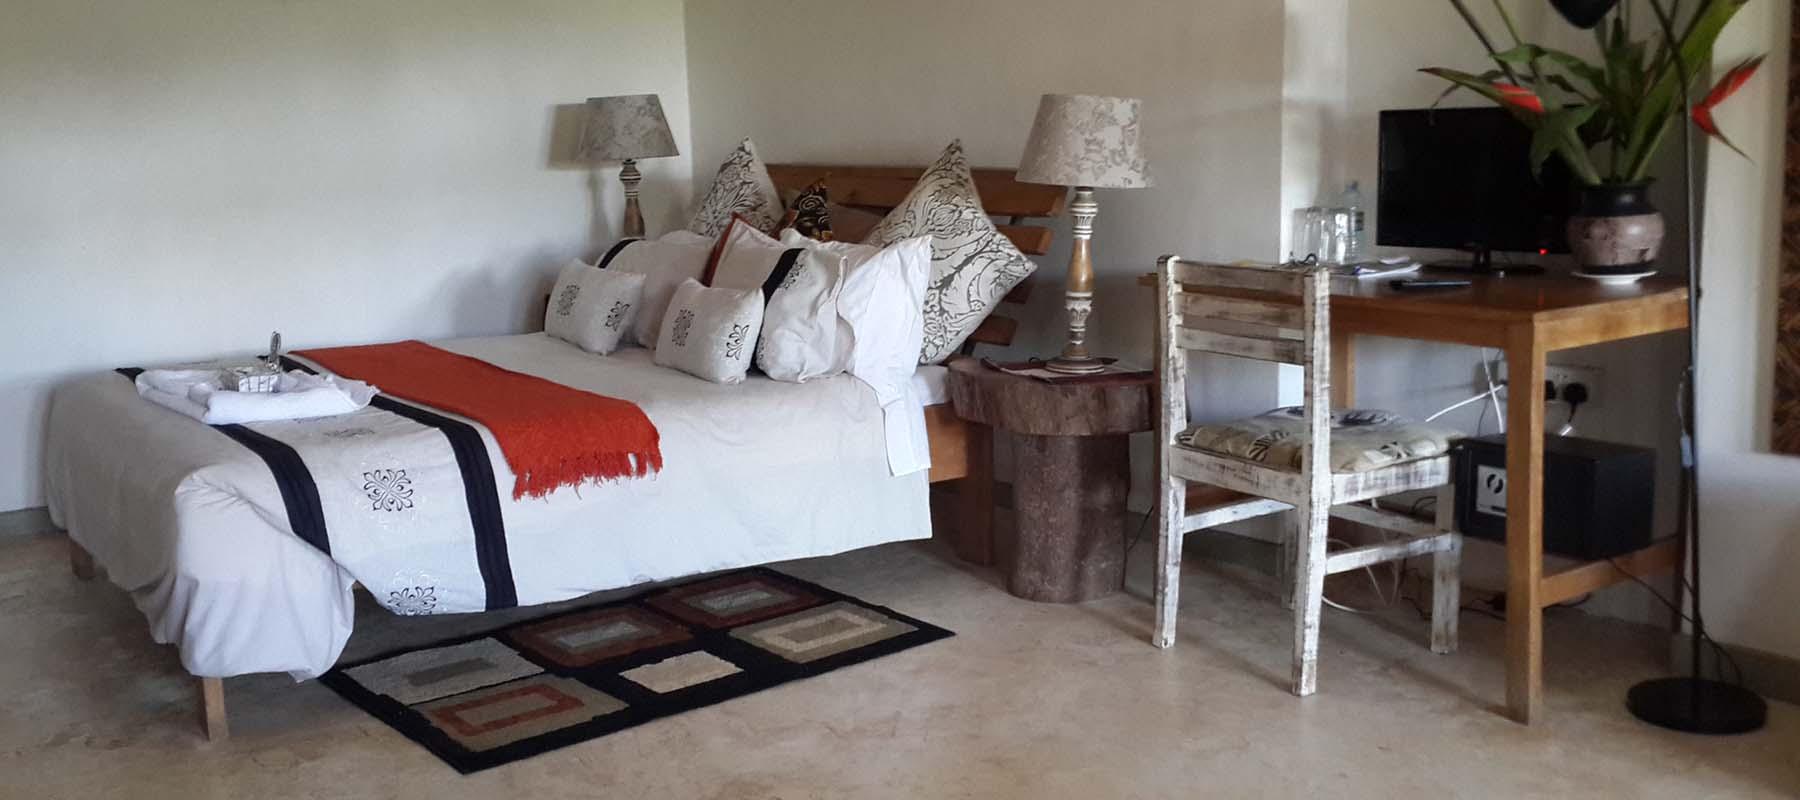 Gately Inn Single Room Accommodation